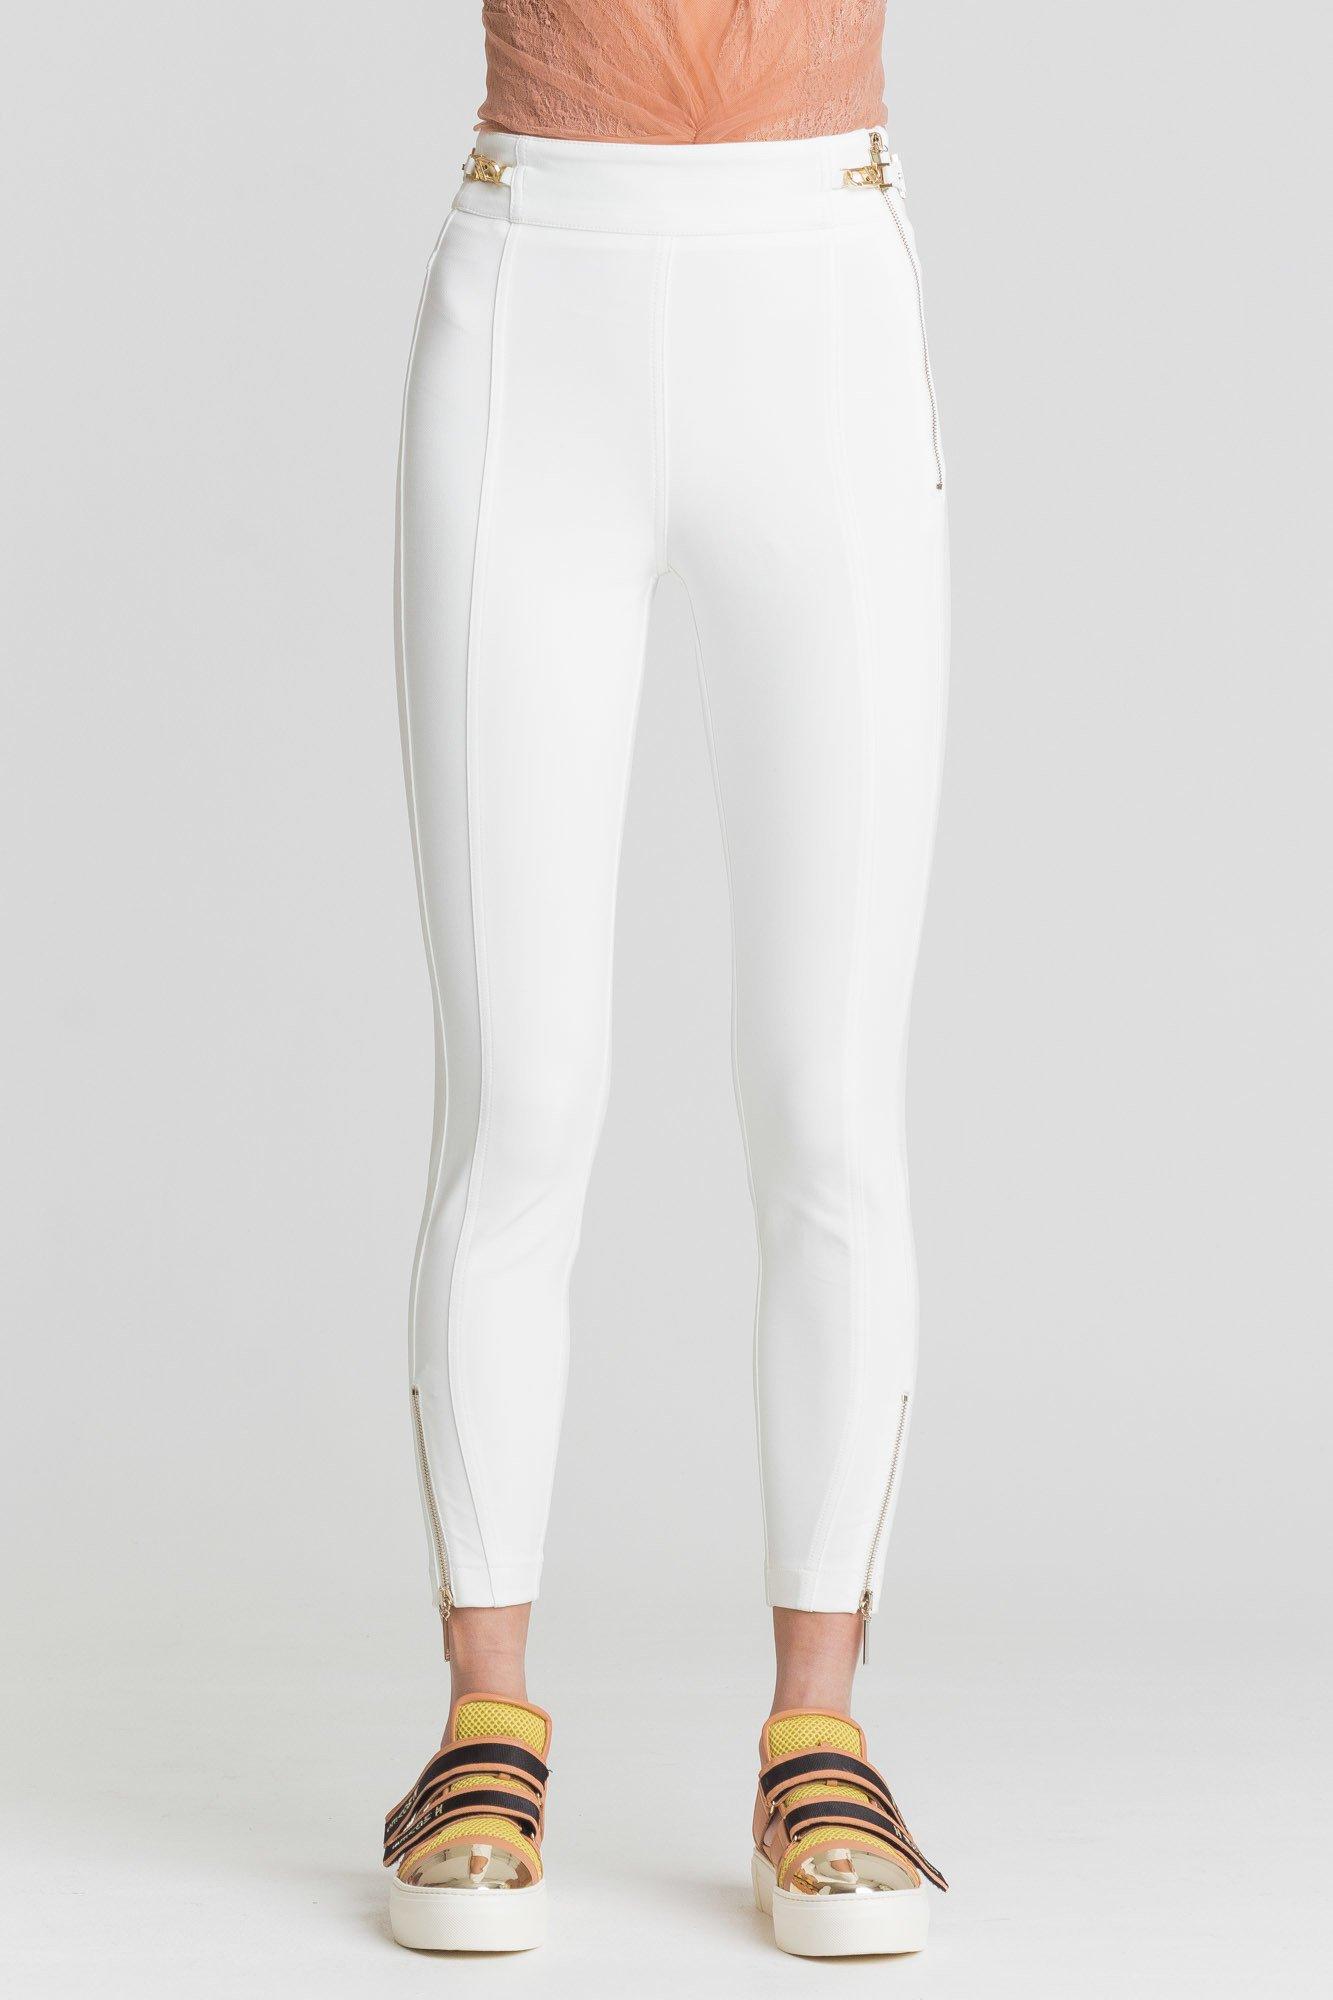 ... 7b7319184b91 Kremowe spodnie tkaninowe z paskiem Markowa odzież w  sklepie Velpa.pl  acc7486de342 CZARNE SPODNIE DRESOWE ... 0e2c72aa0fb